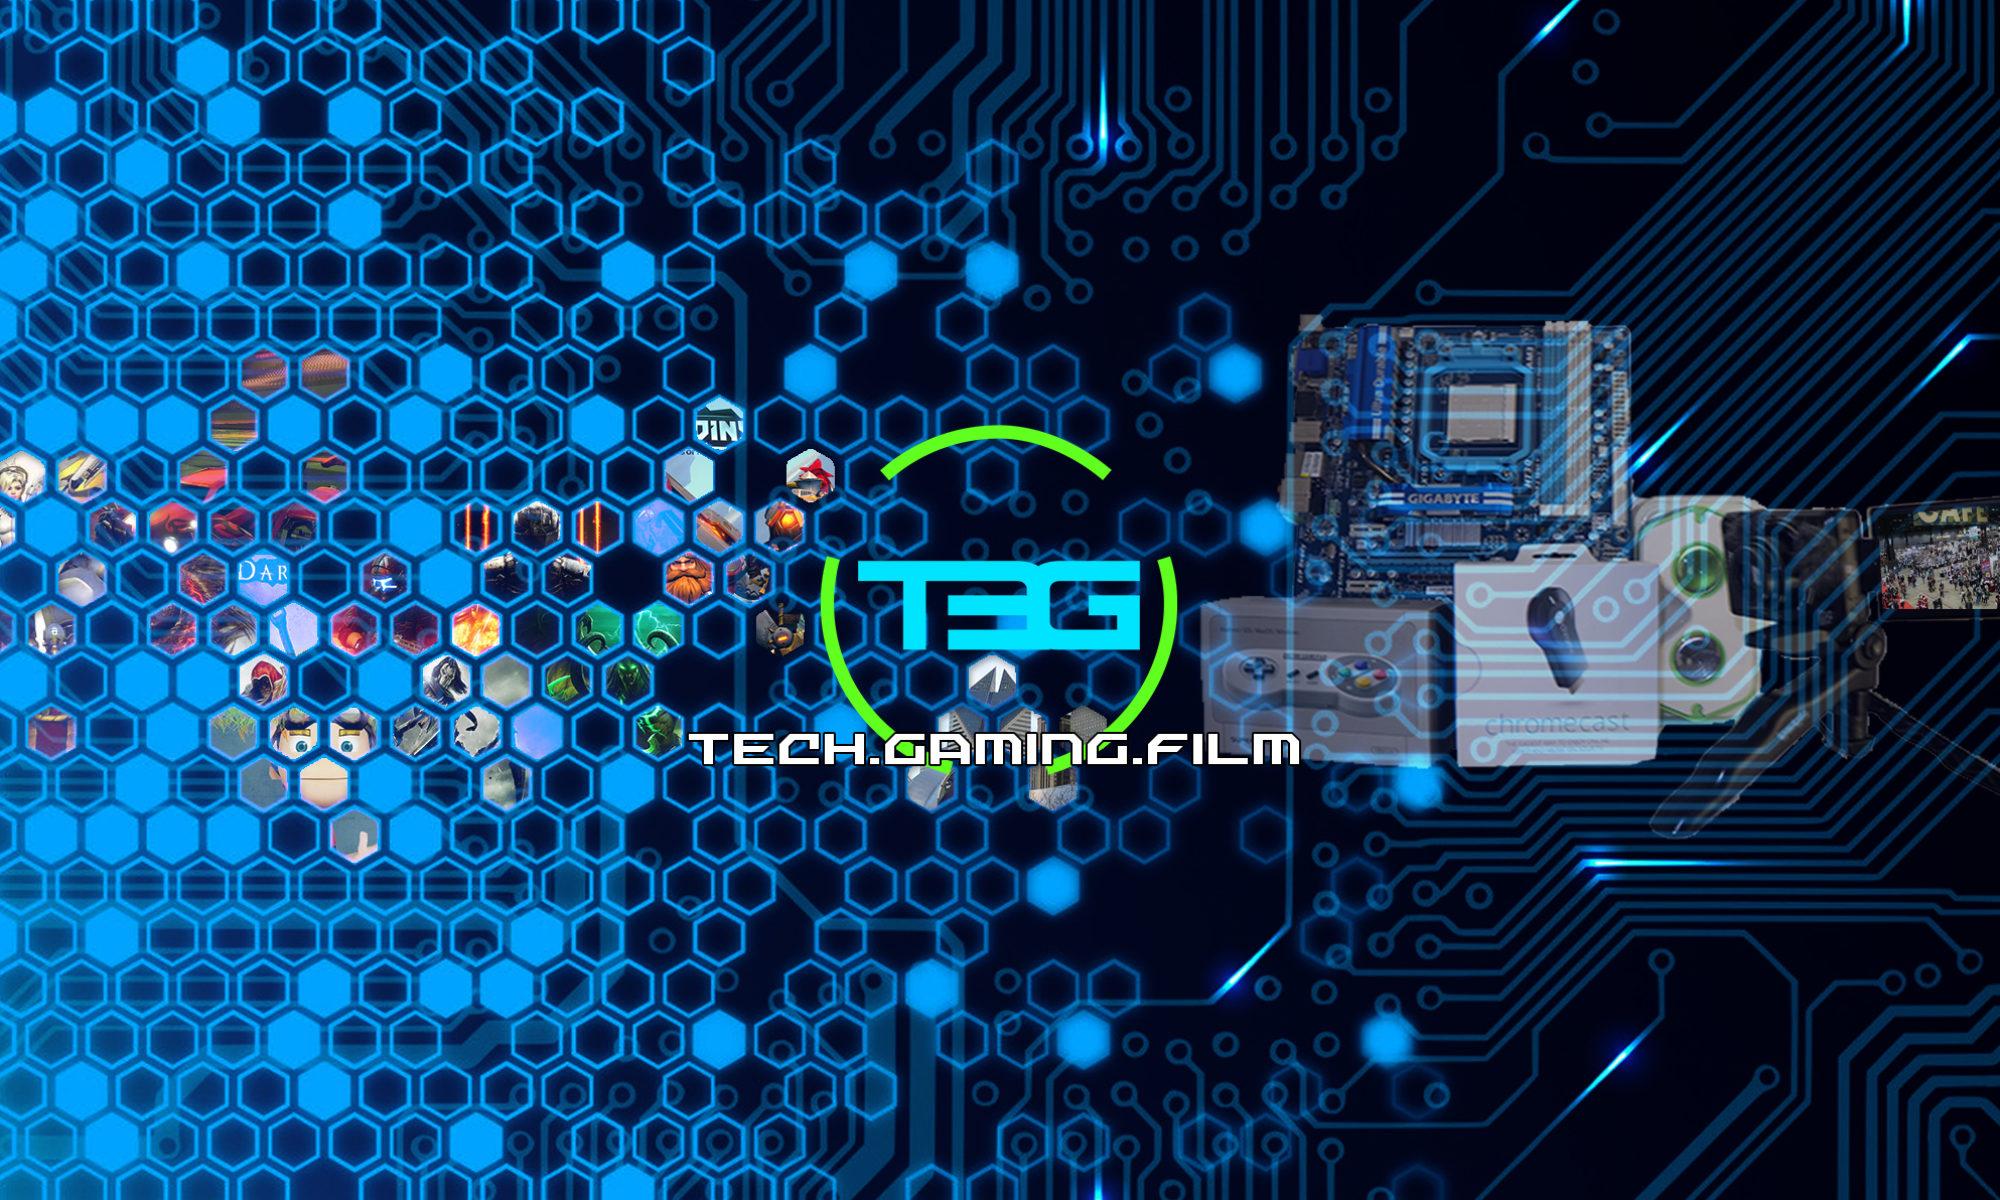 T3G Media